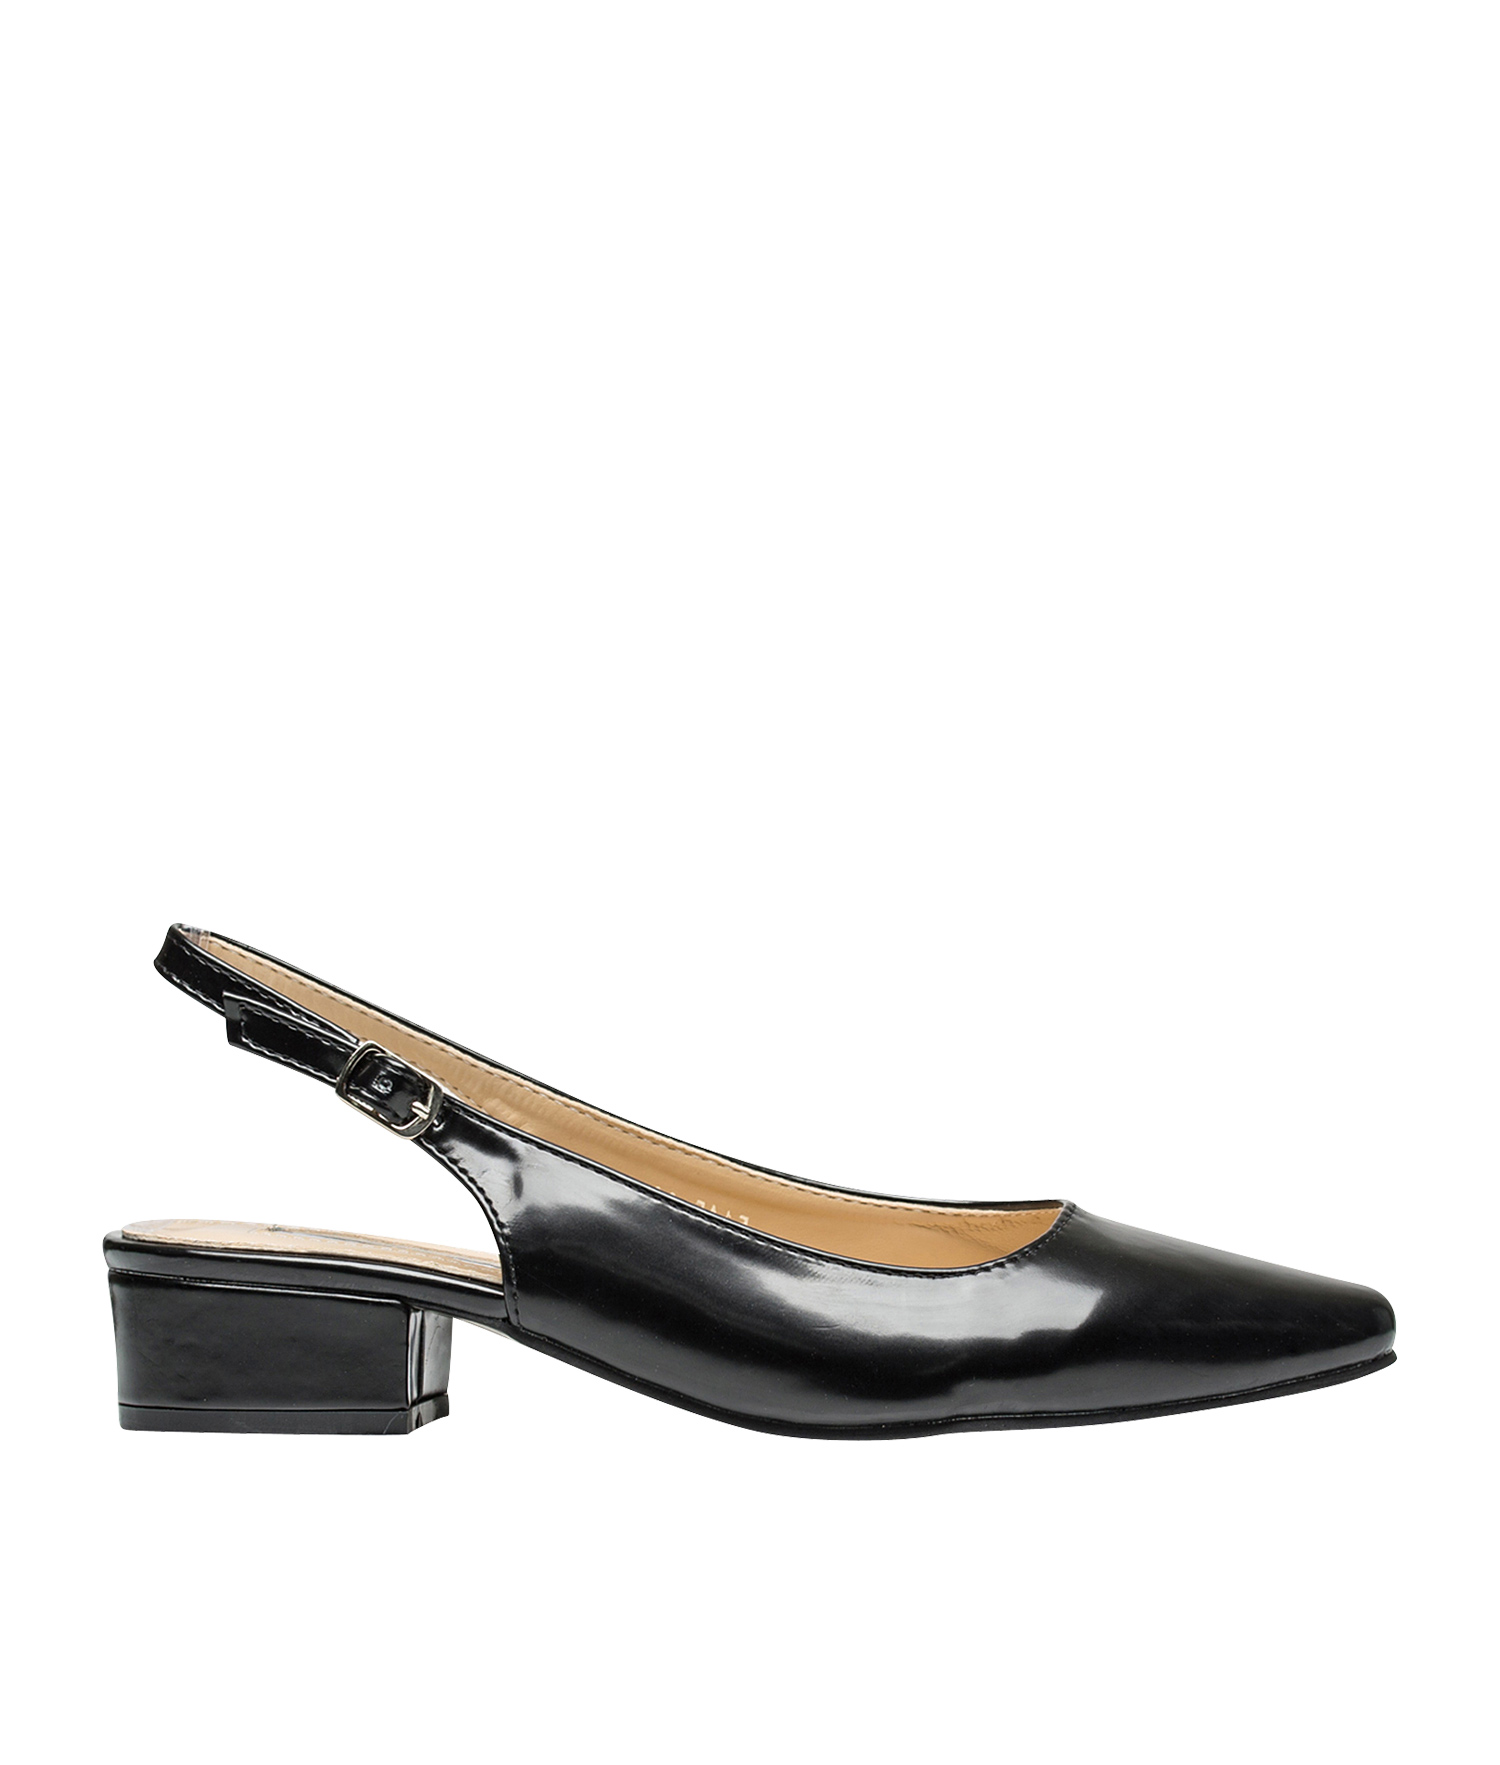 184de21a00c AnnaKastle Womens Pointy Toe Slingback Low Heel Pumps Black